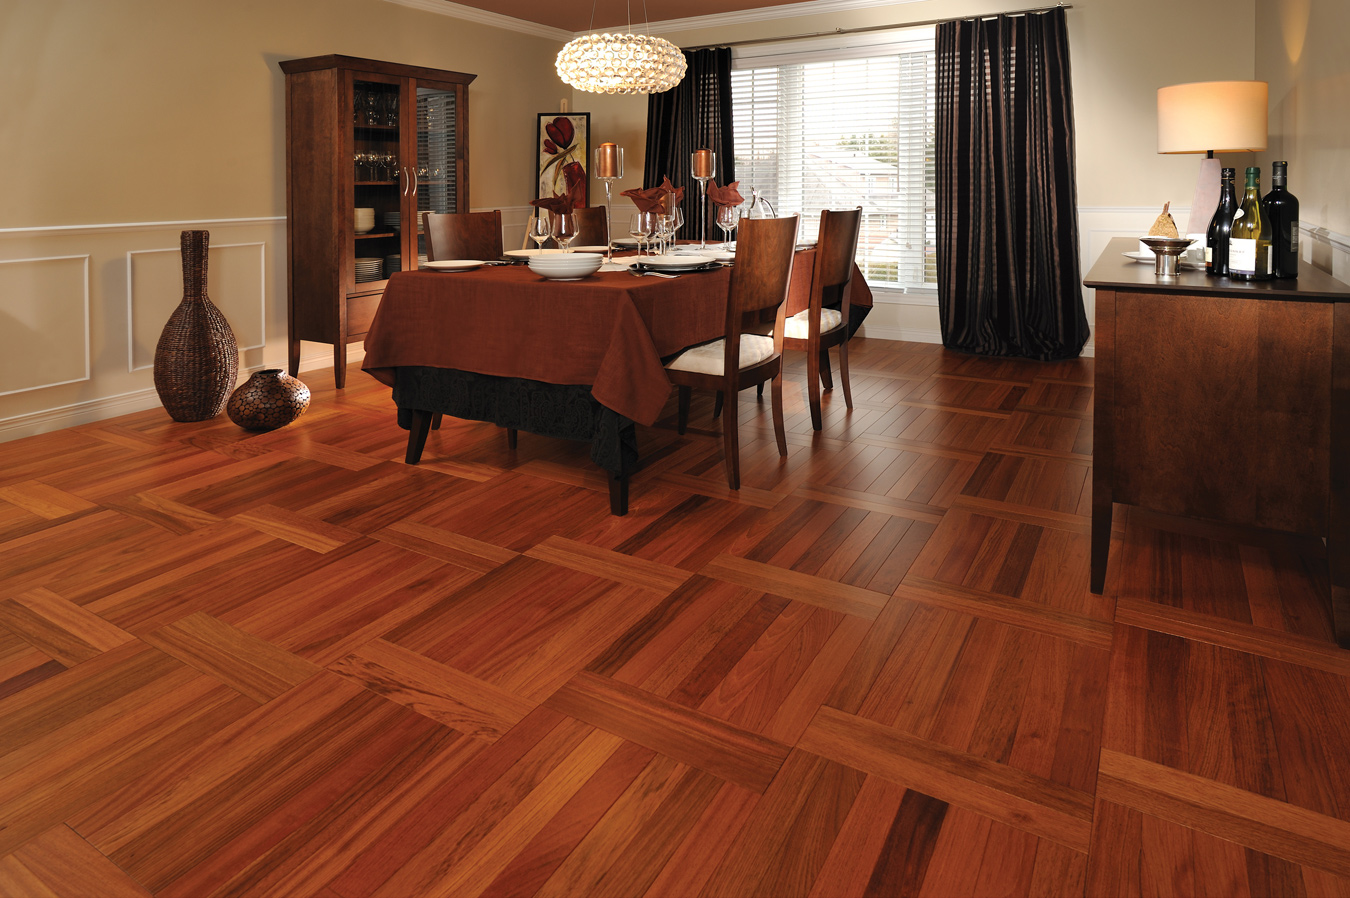 design laminate flooring faux wood flooring bayur borneo floor tile in 2017 including hardwood  designs QGGENZS